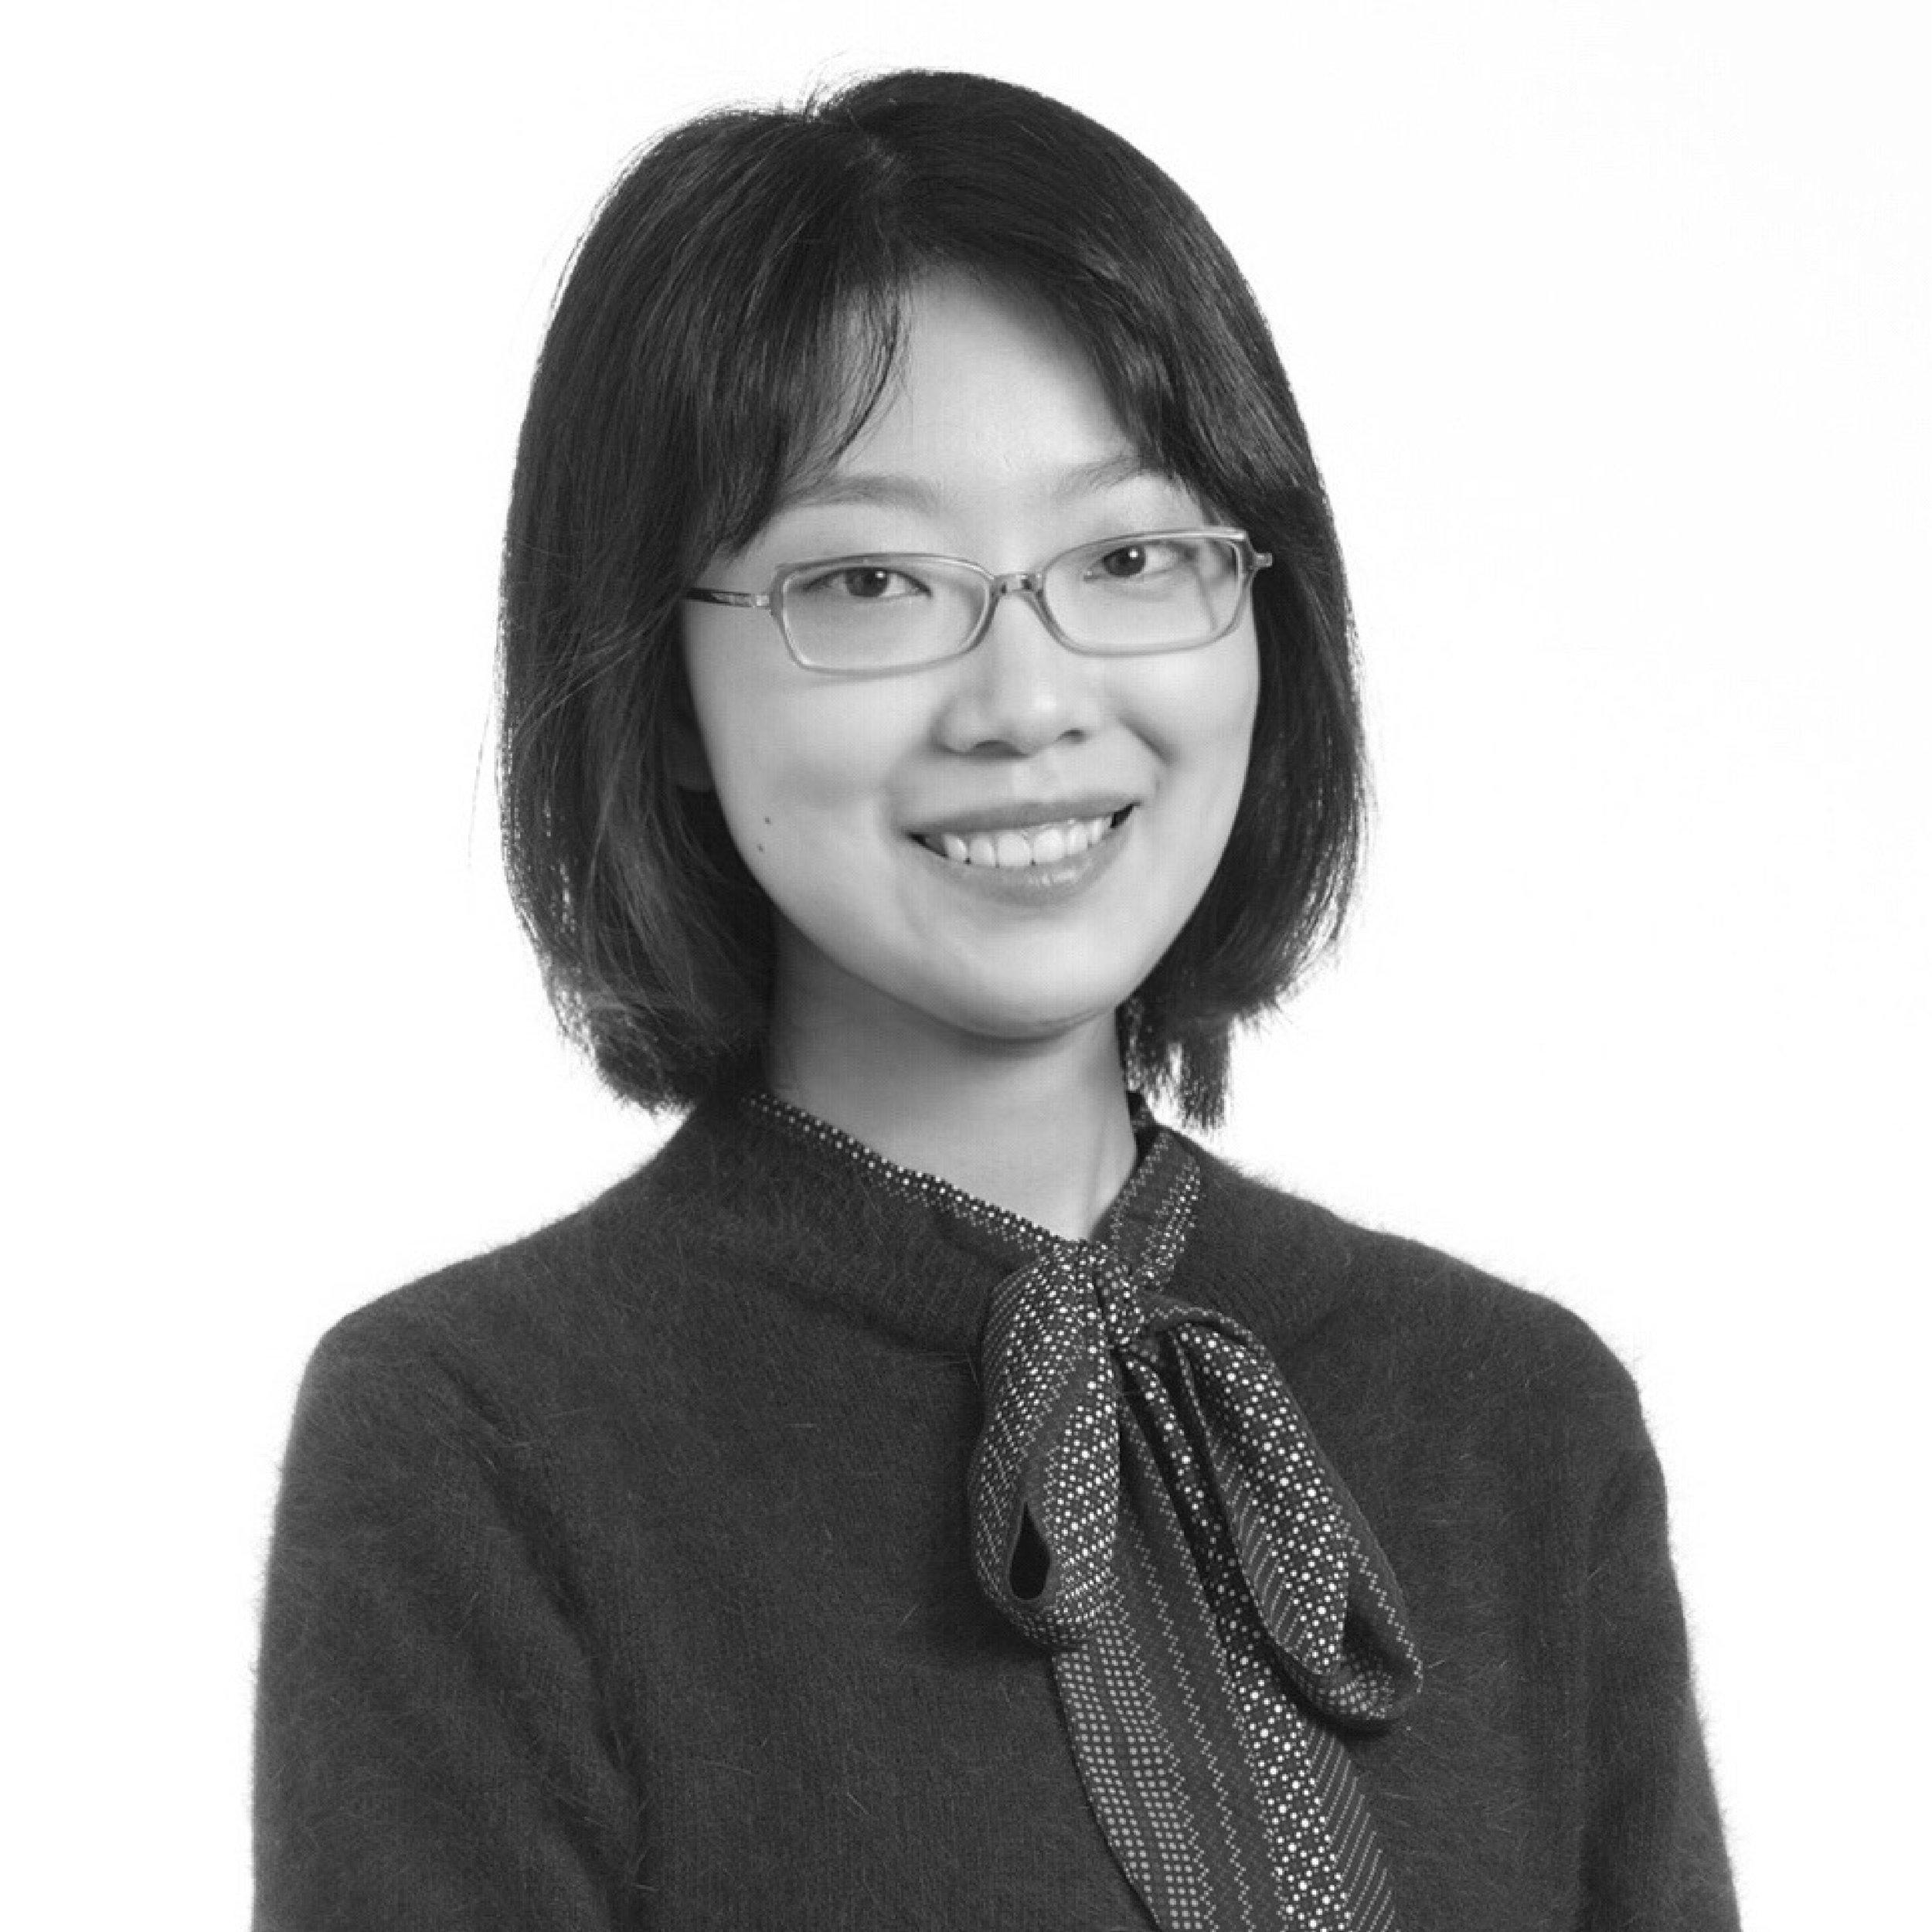 Xiao Yu Liu